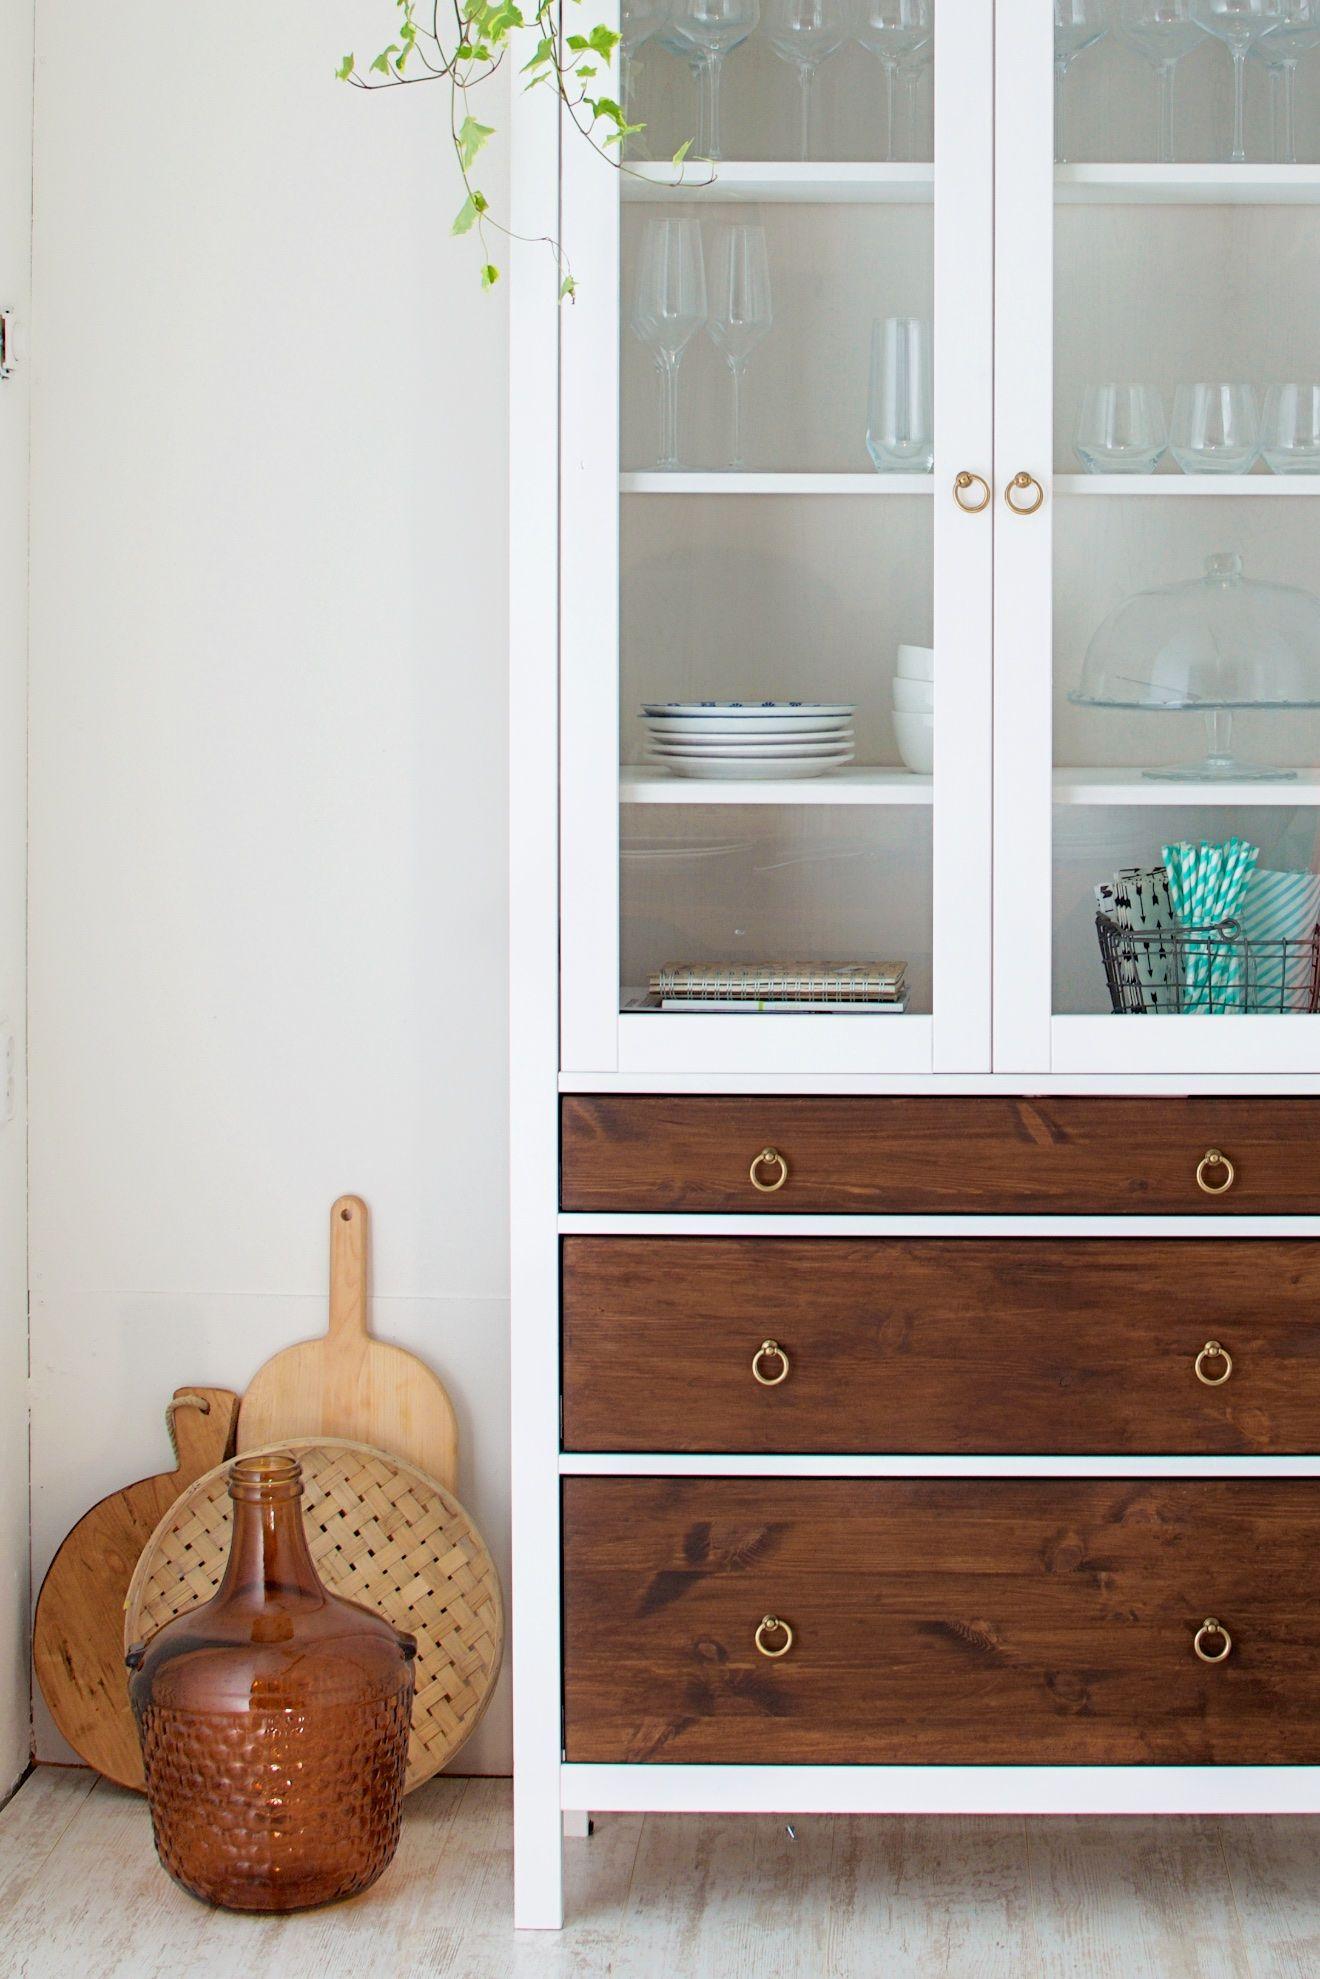 Ikea Hack Glass Door Cabinet Love This Mid Century Look  # Hackeando Muebles De Ikea